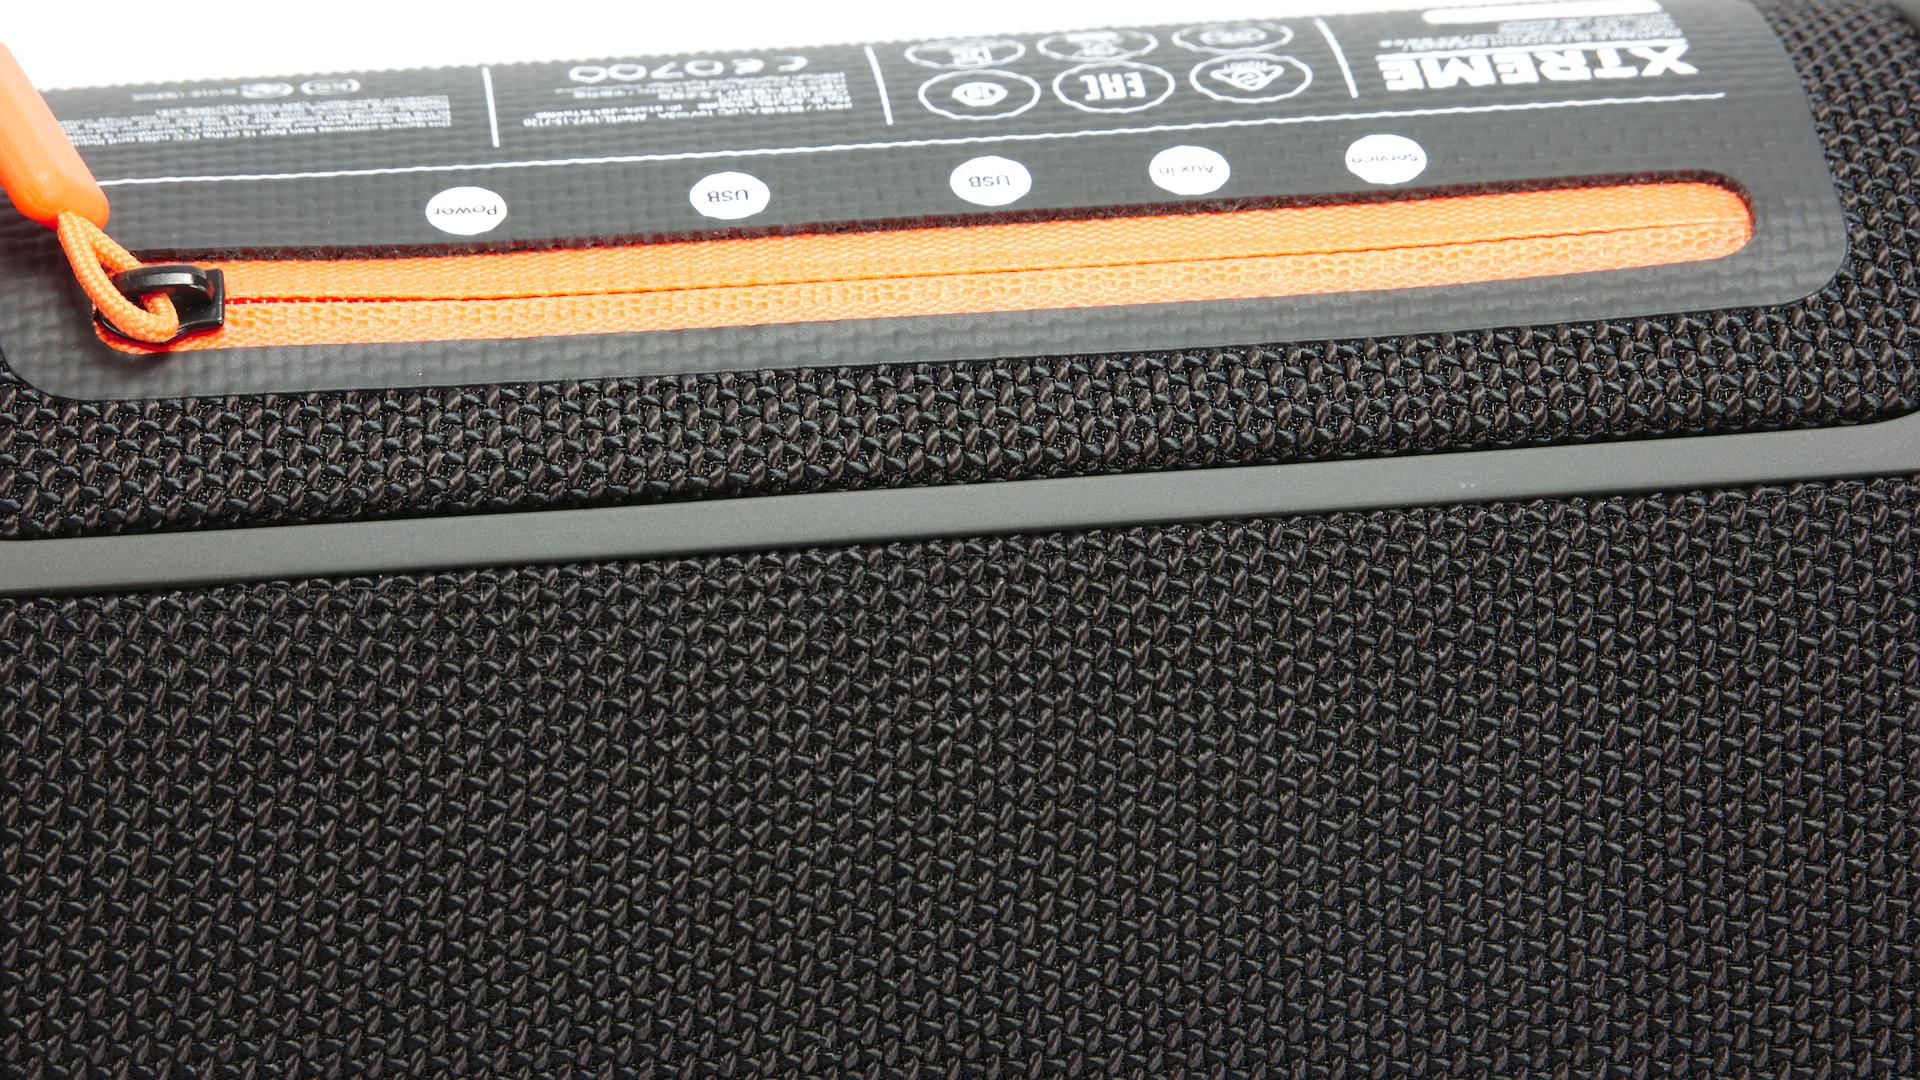 JBL XTREME im Test - Großer Bluetooth-Lautsprecher mit